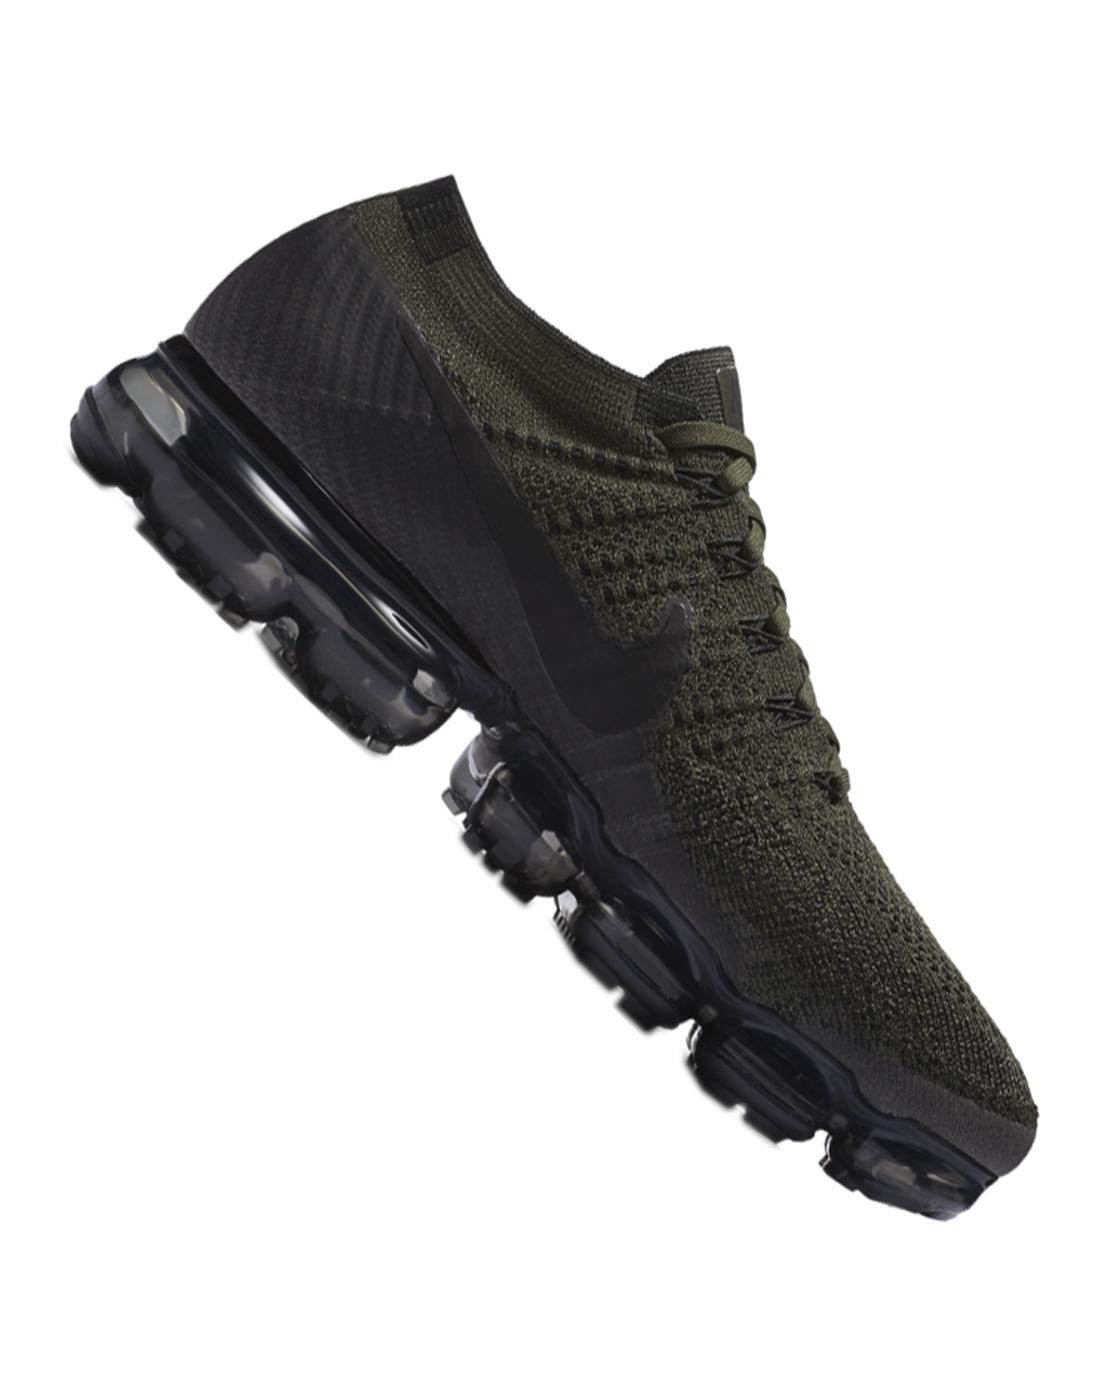 1a29a883a395 Nike. Mens Air Vapormax Flyknit. Mens Air Vapormax Flyknit ...